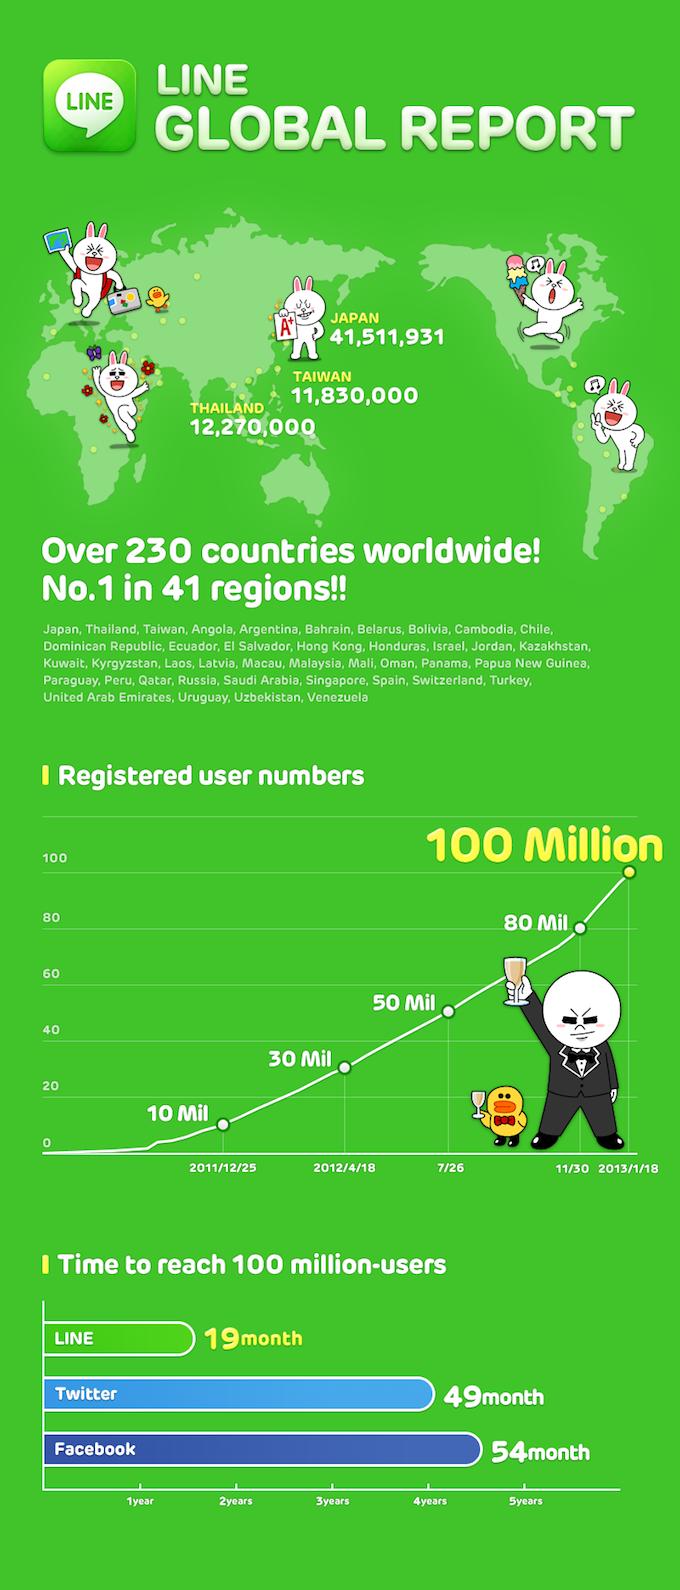 Line infographic